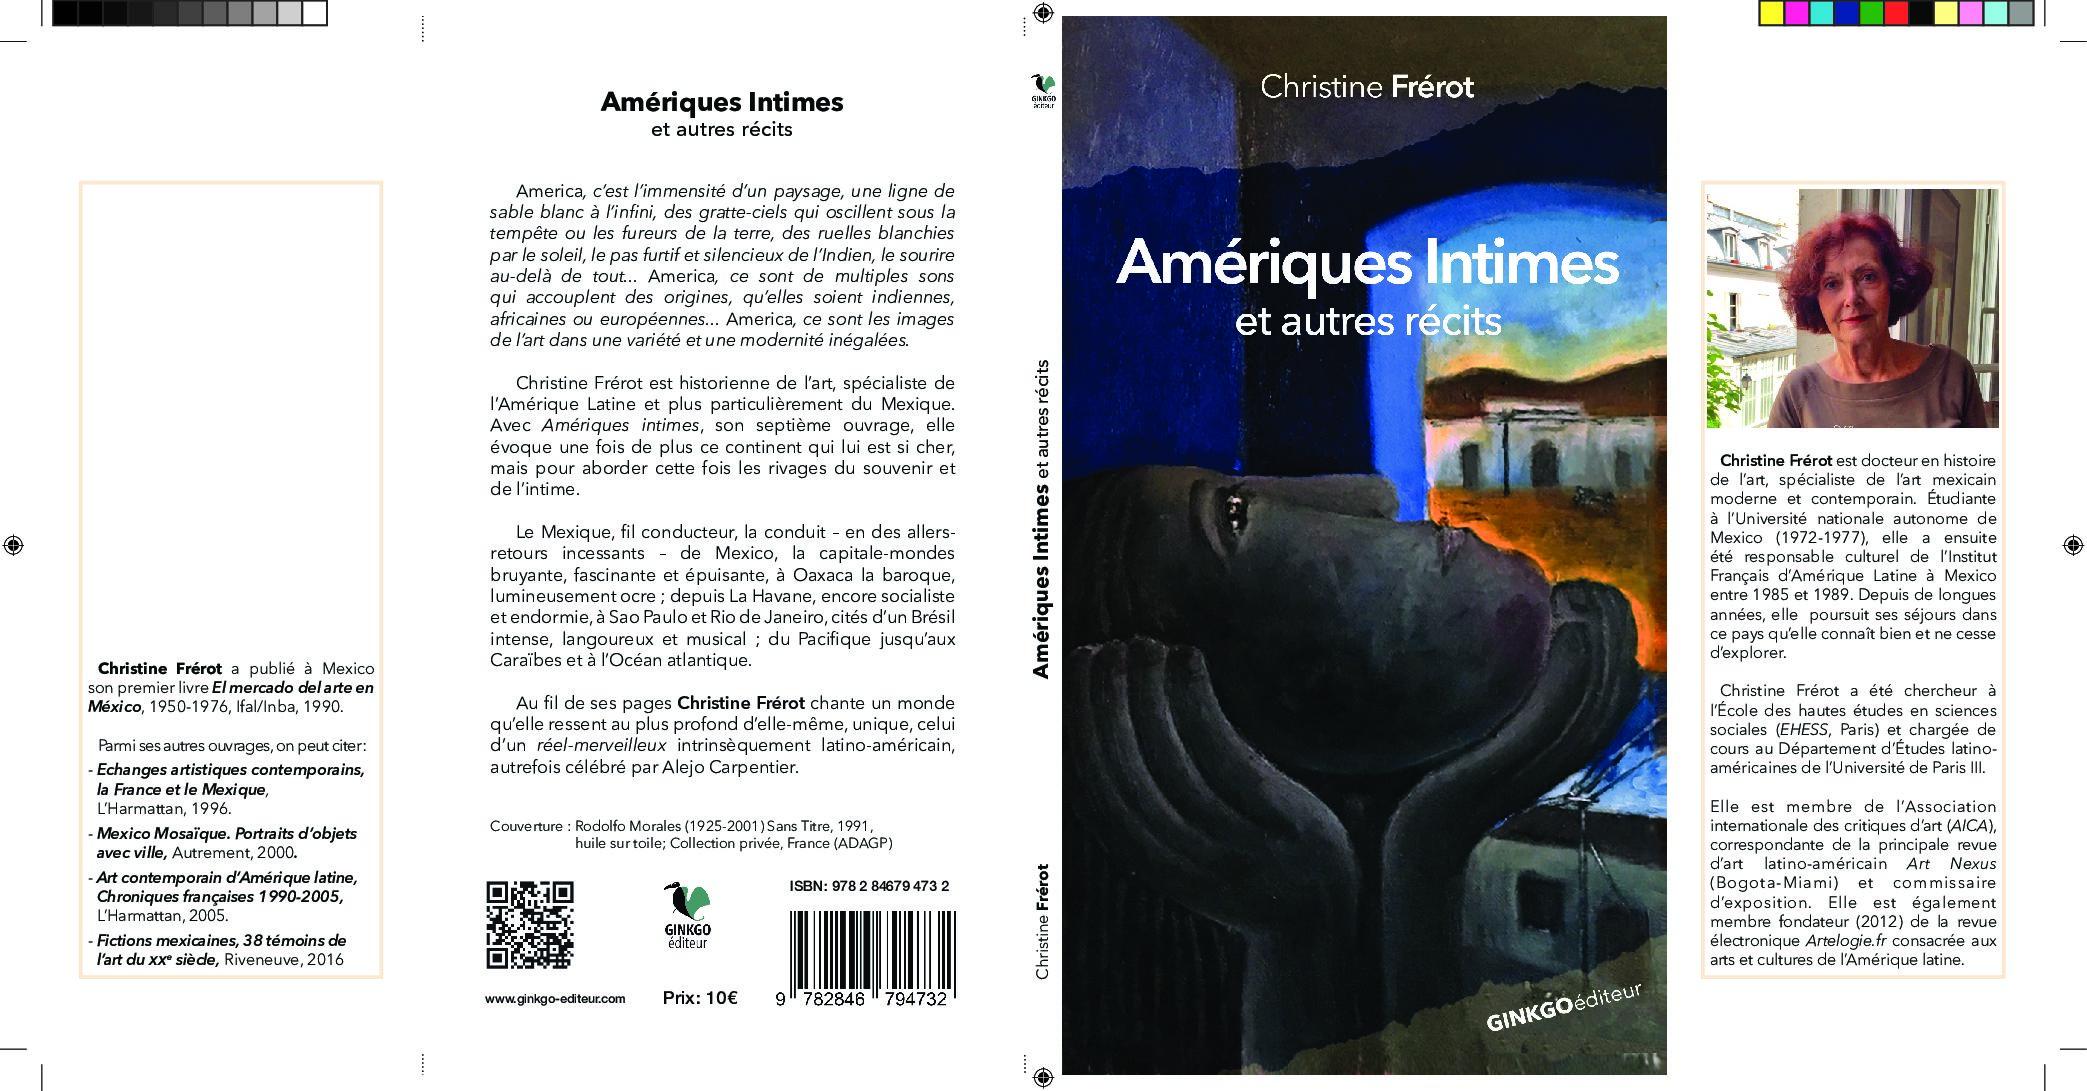 Amériques intimes et autres récits, Christine Frérot, éditions Ginkgo, Paris avril 2021